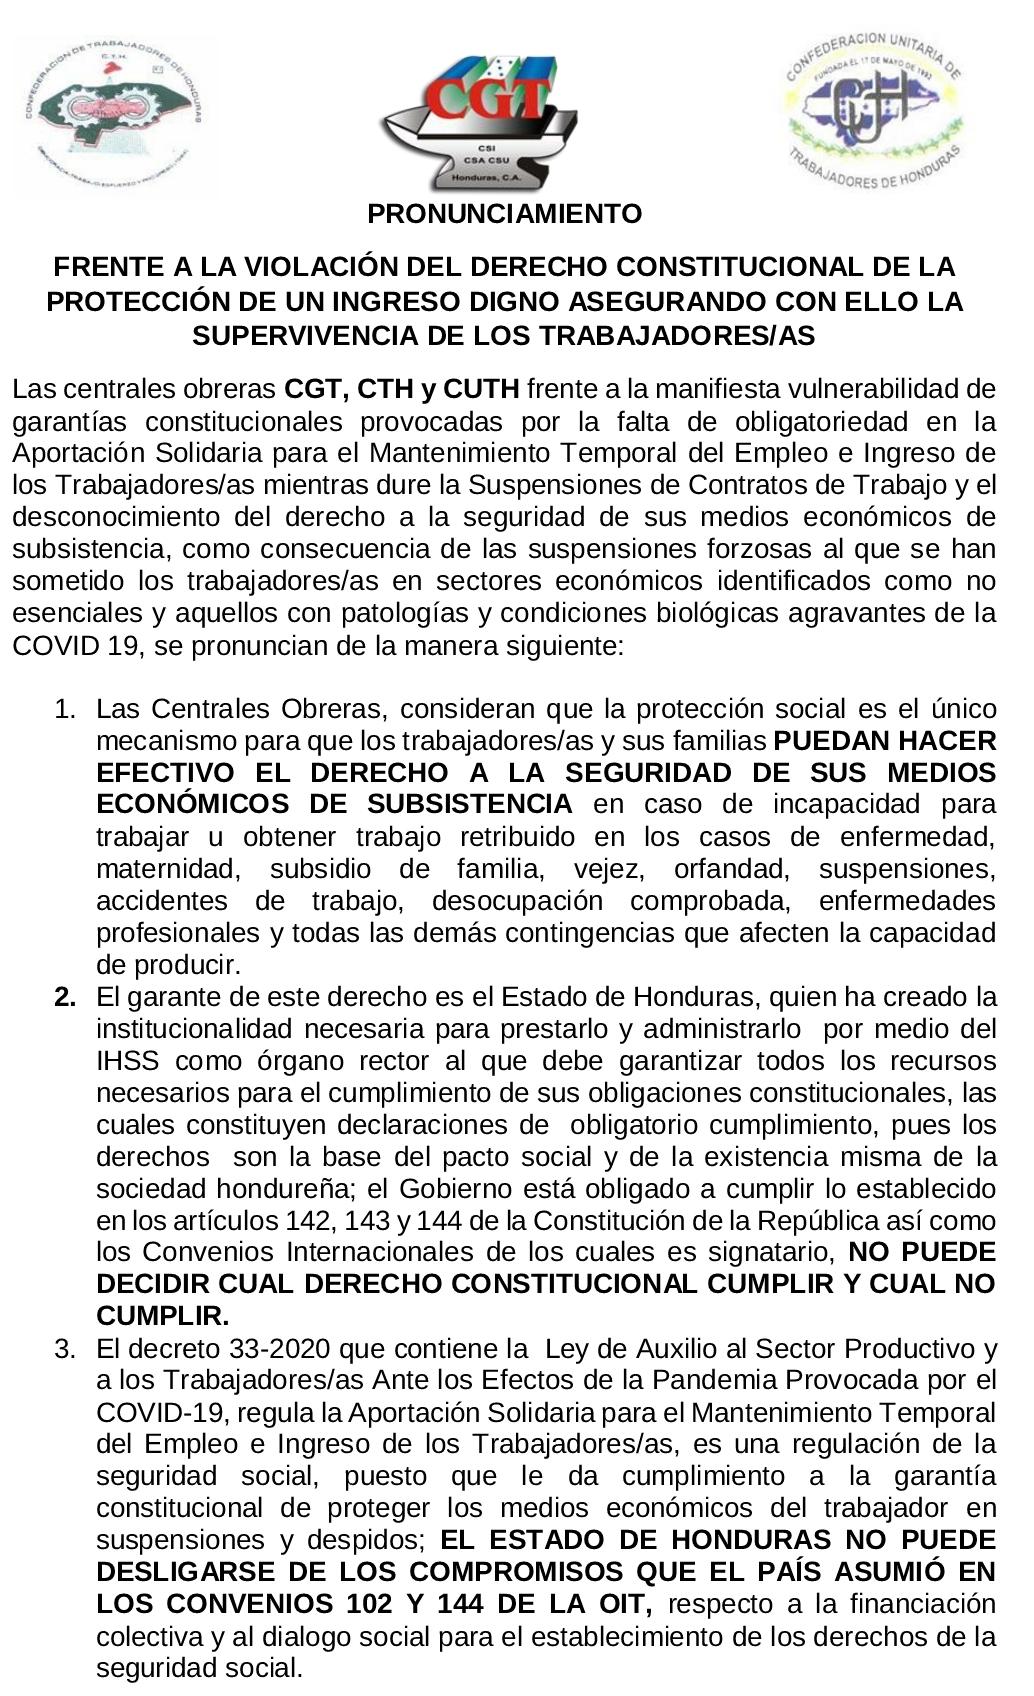 Posición de CGT, CUTH Y CTH ANTE EL GOBIERNO DE HONDURAS SOBRE DERECHOS A LA SEGURIDAD SOCIAL, INGRESOS SALARIALES DE LAS  LOS TRABAJADORES.